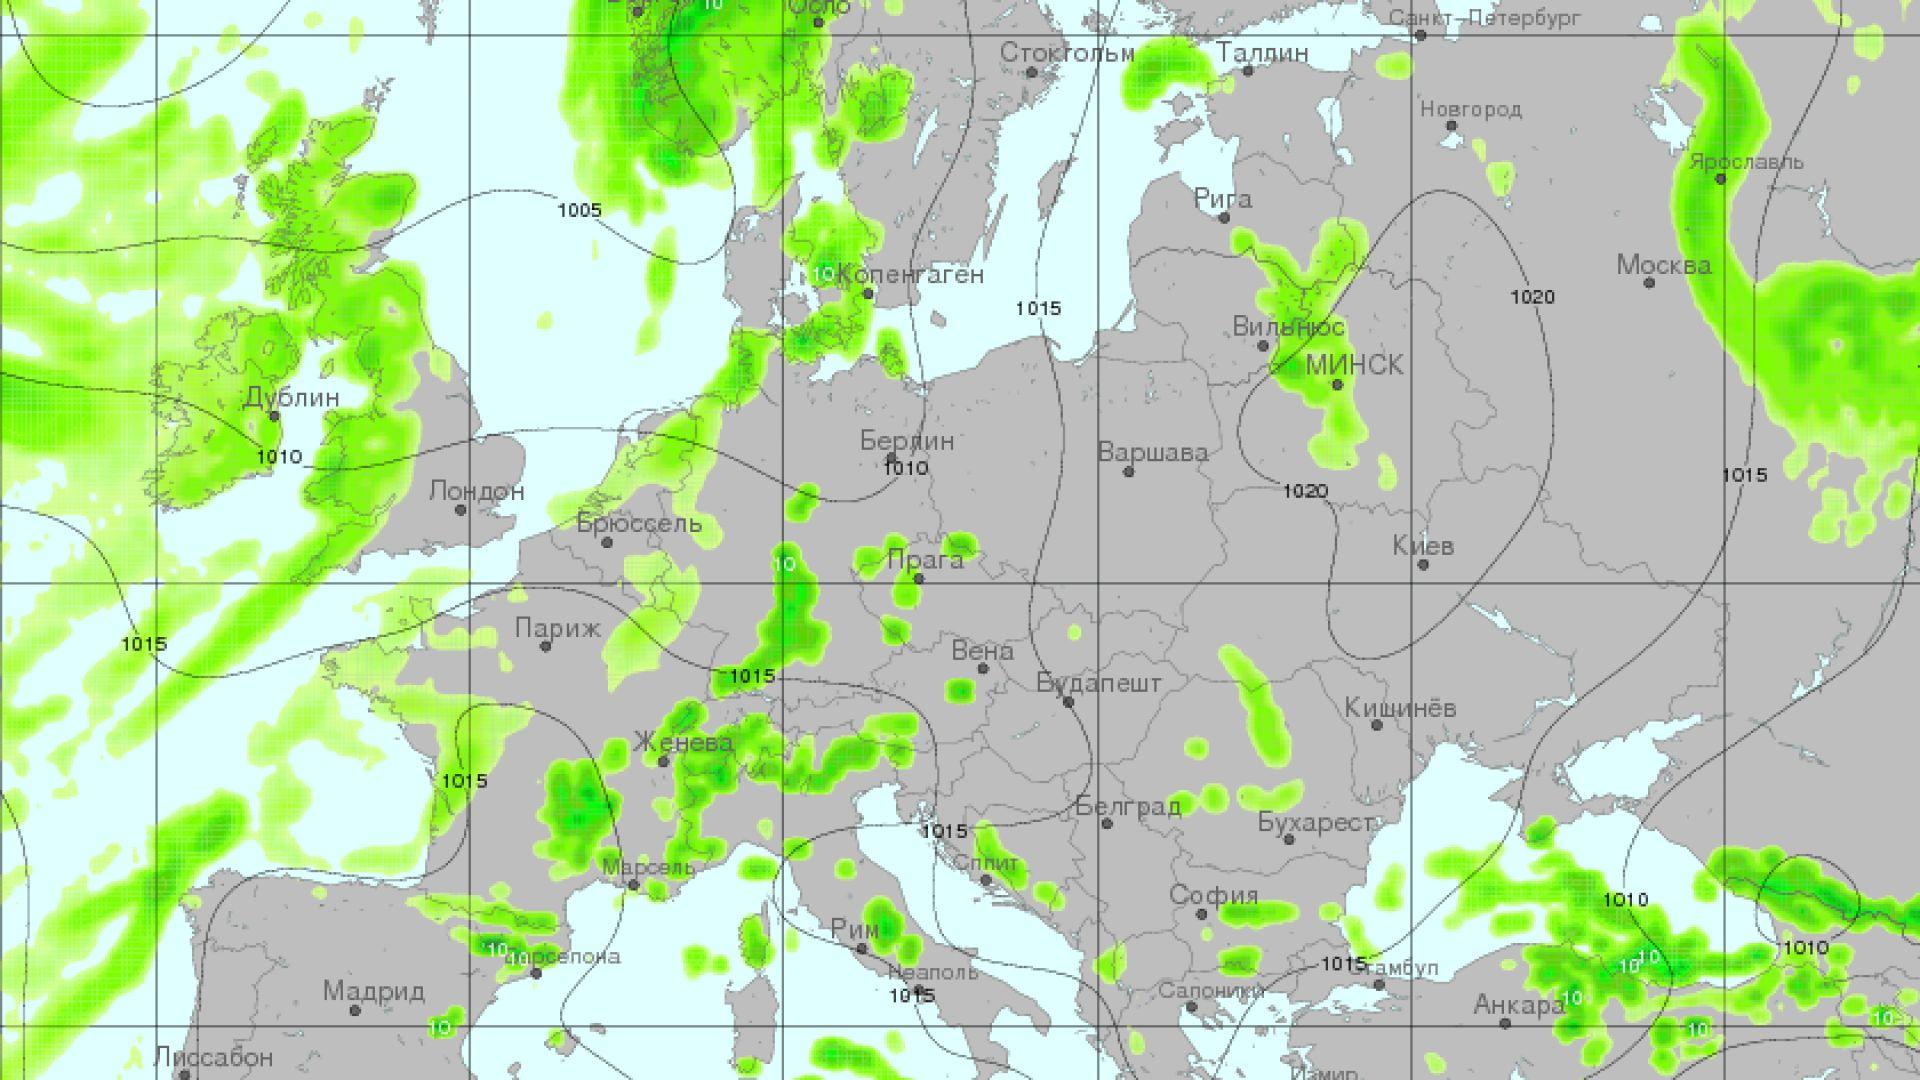 Карта на очакваните валежи и приземното атмосферно налягане.Вижда се обширният антициклон с център над Северна Украйна и Беларус, в чиято периферия се намира страната ни